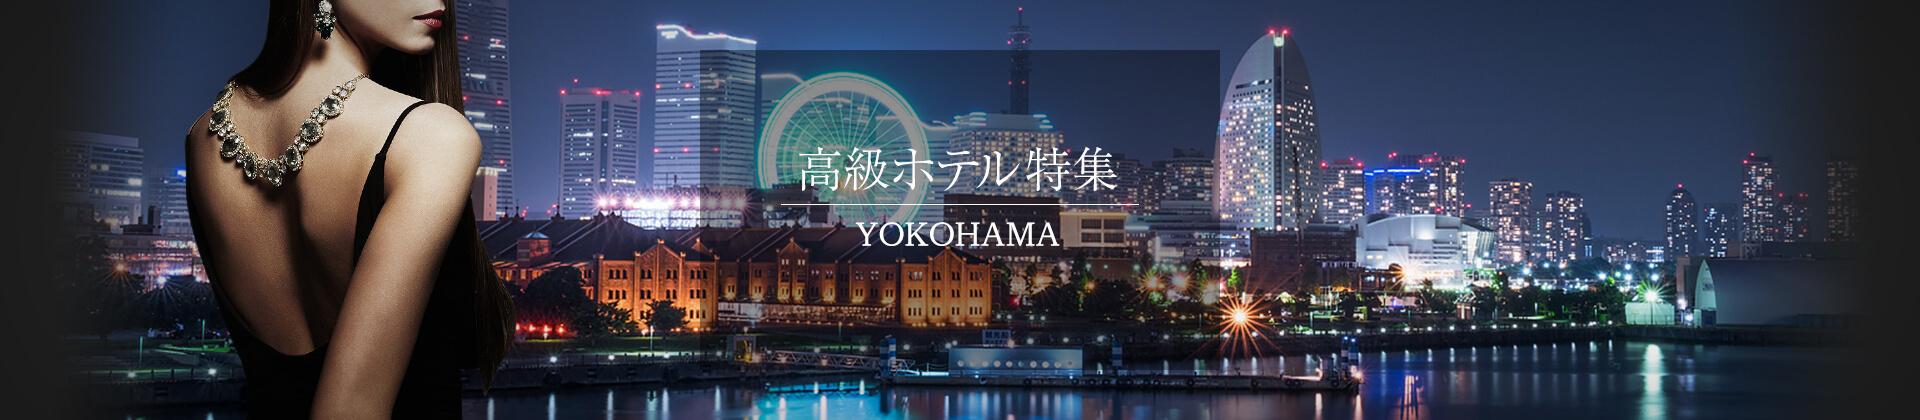 高級ホテル特集 (横浜)